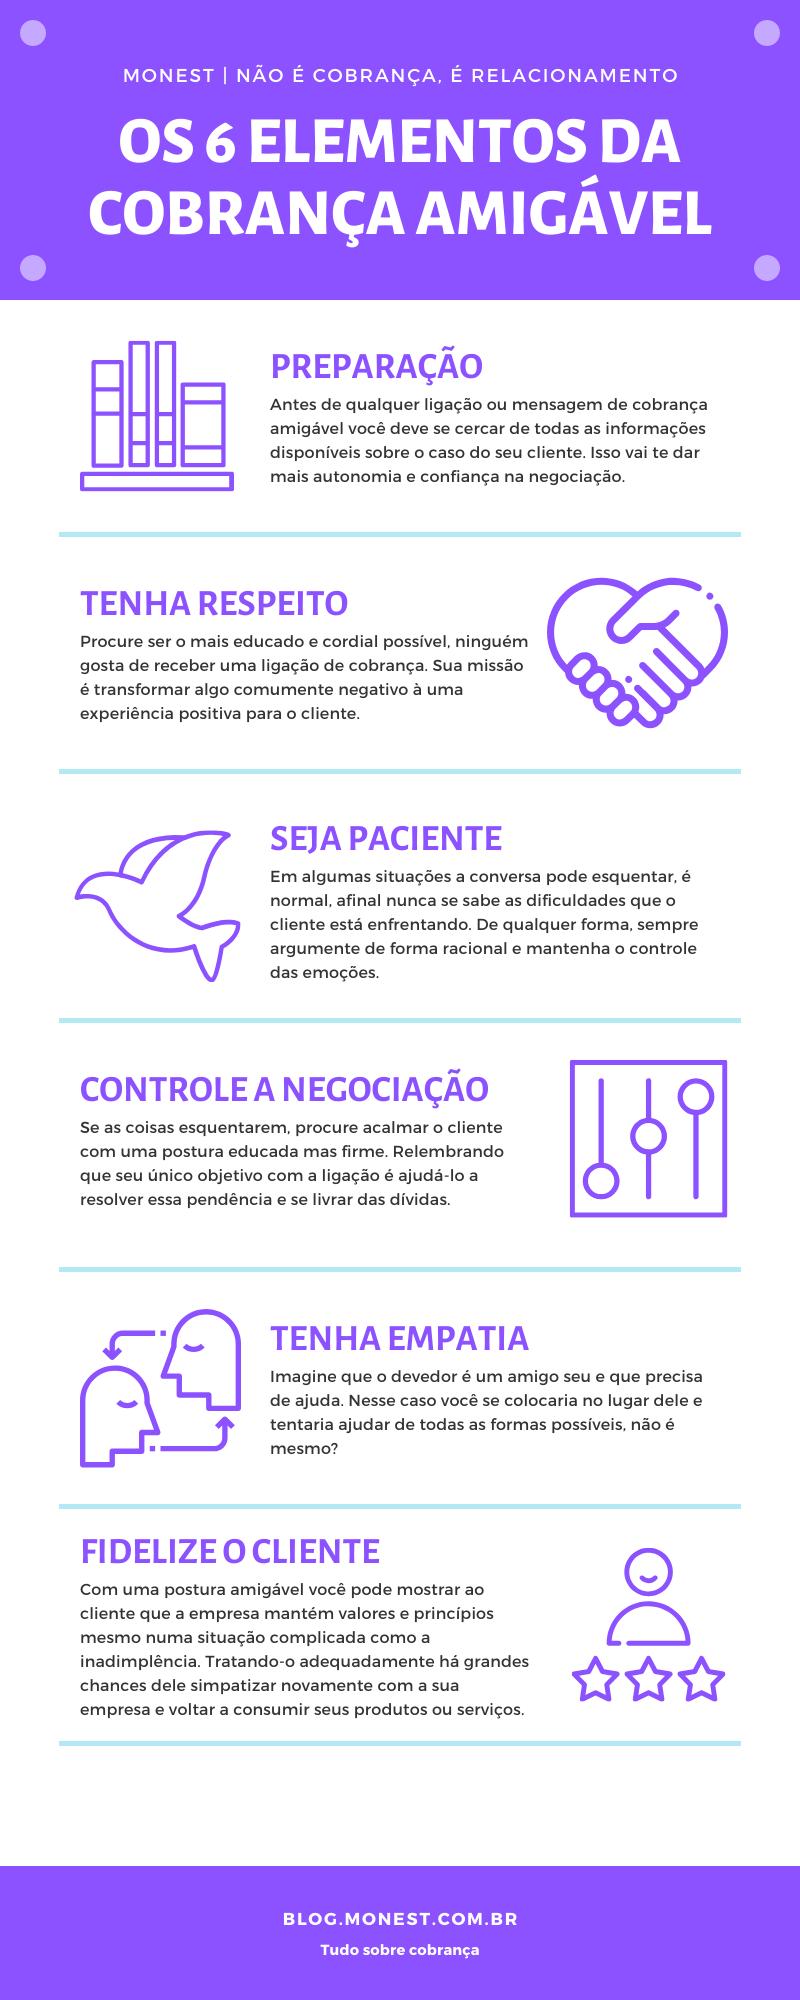 Infográfico com os 6 elementos da cobrança amigável: 1. preparação 2. respeito 3. paciência 4. controle a negociação 5. empatia 6. fidelize o cliente